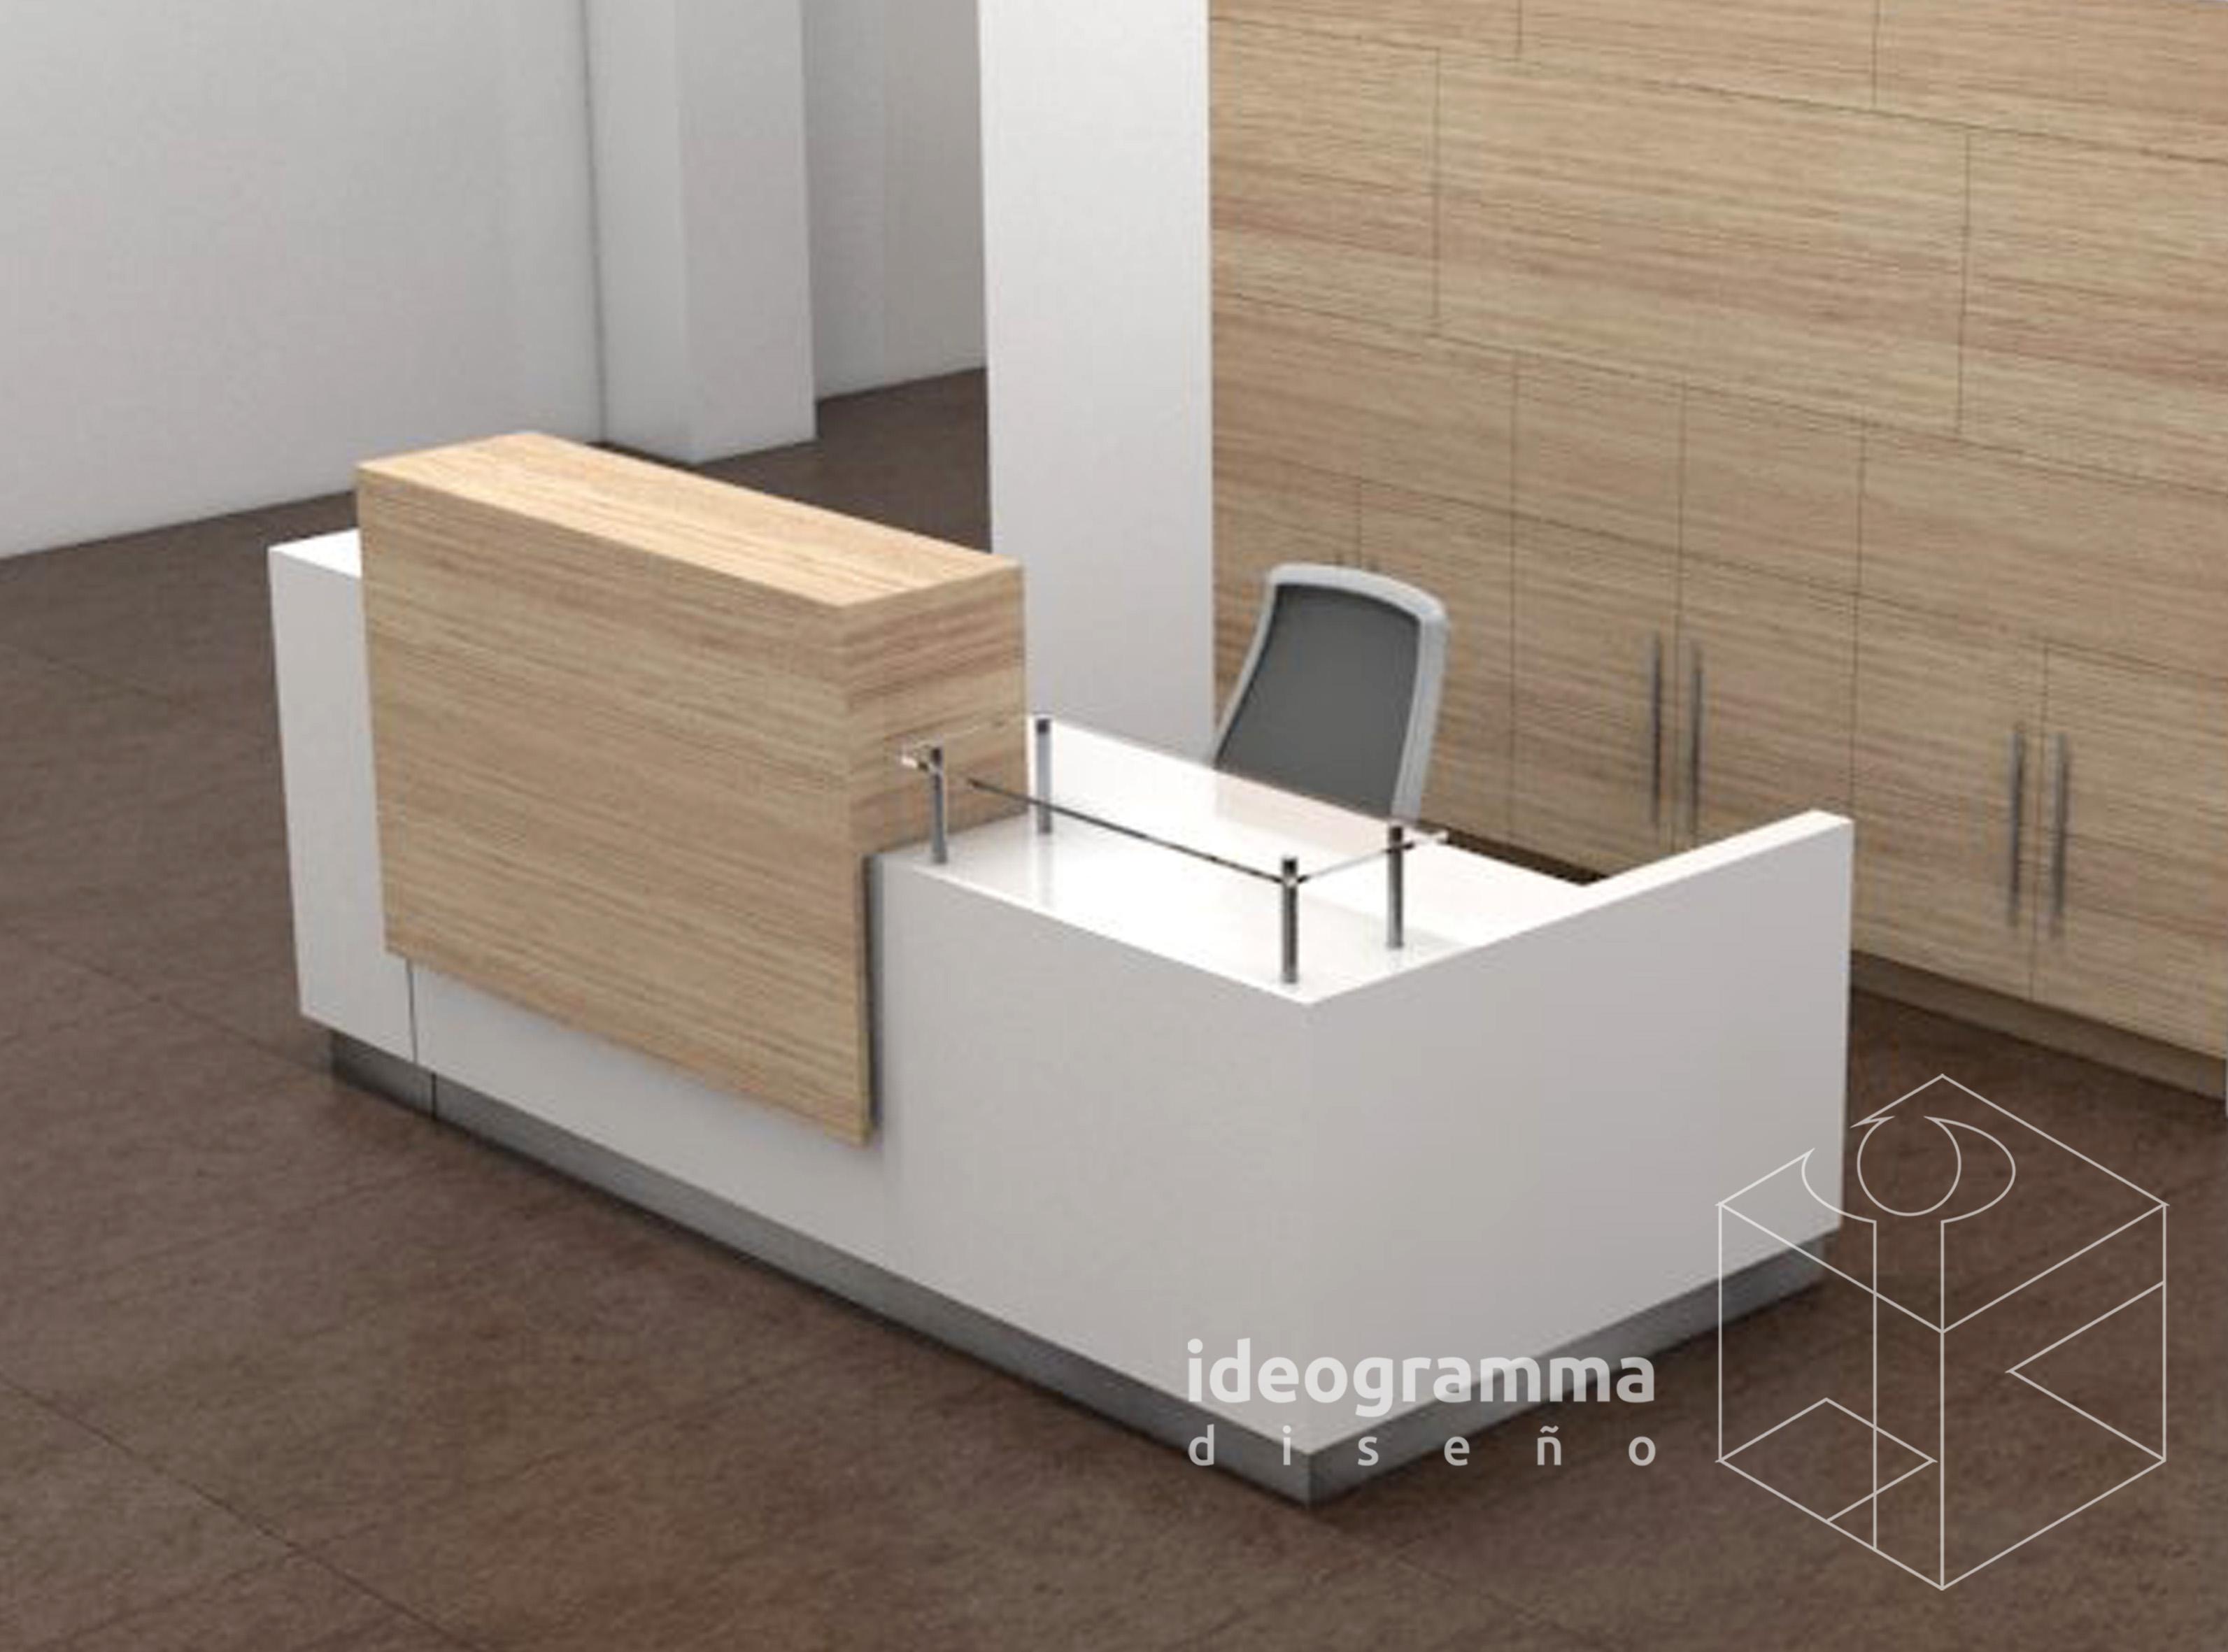 IDEO- web 81.jpg